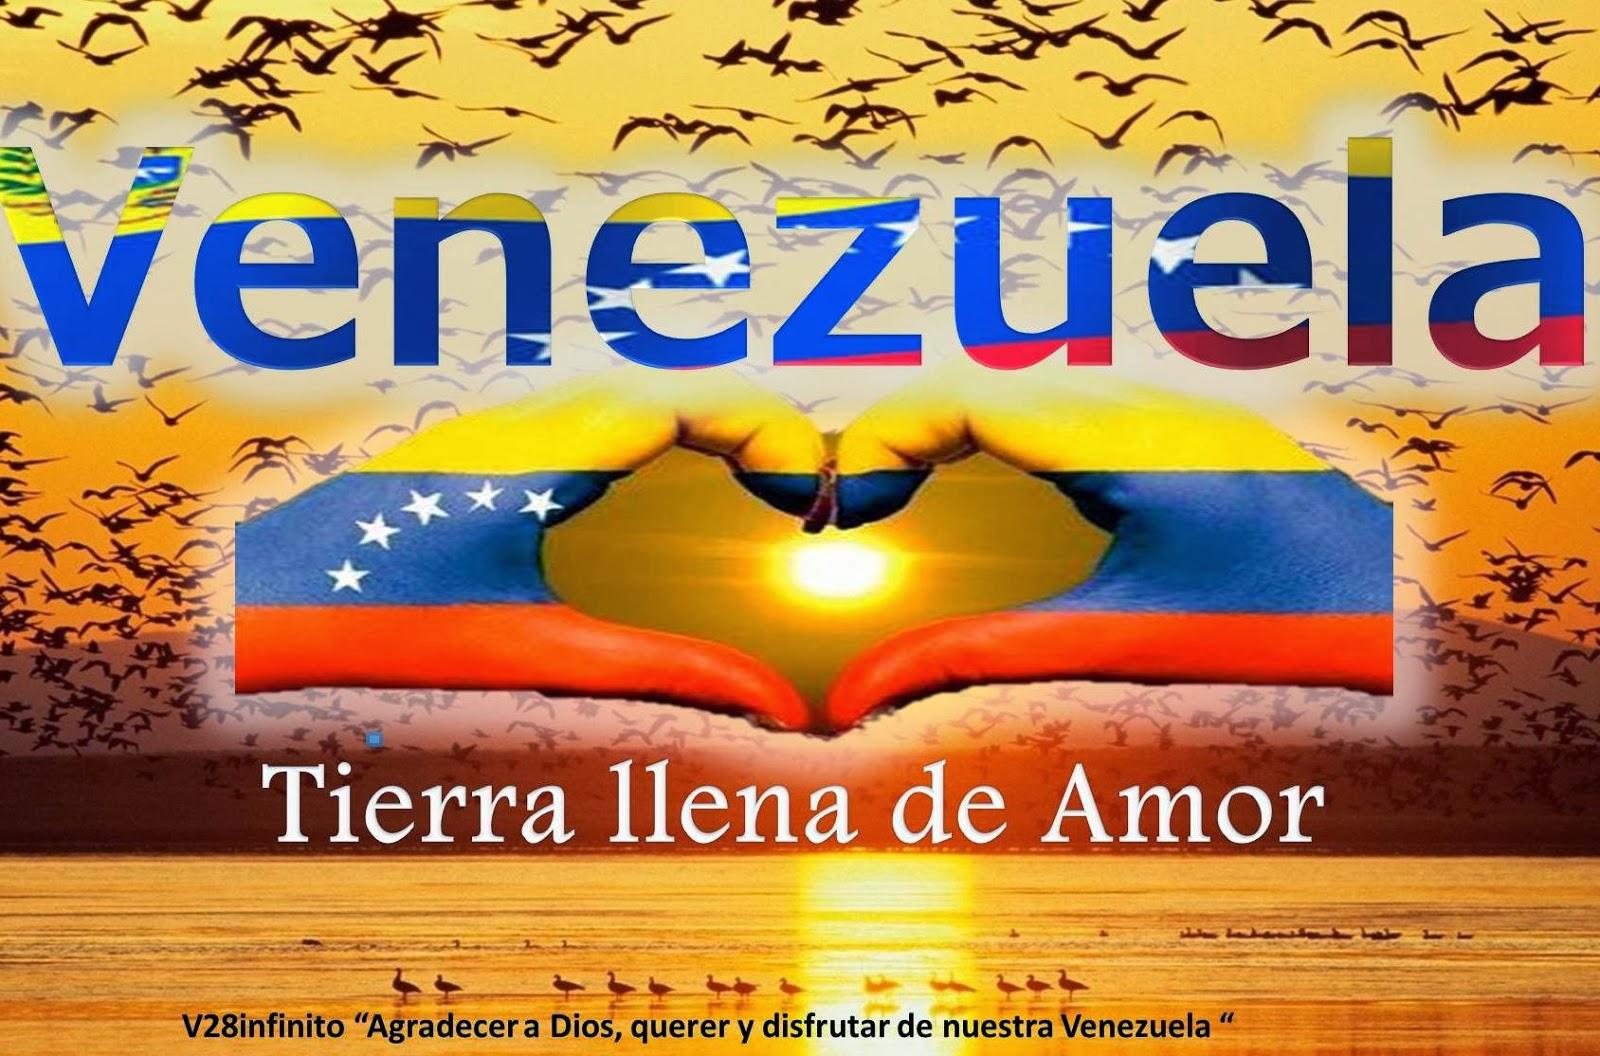 IMAGEN VENEZUELA TIERRA LLENA DE AMOR